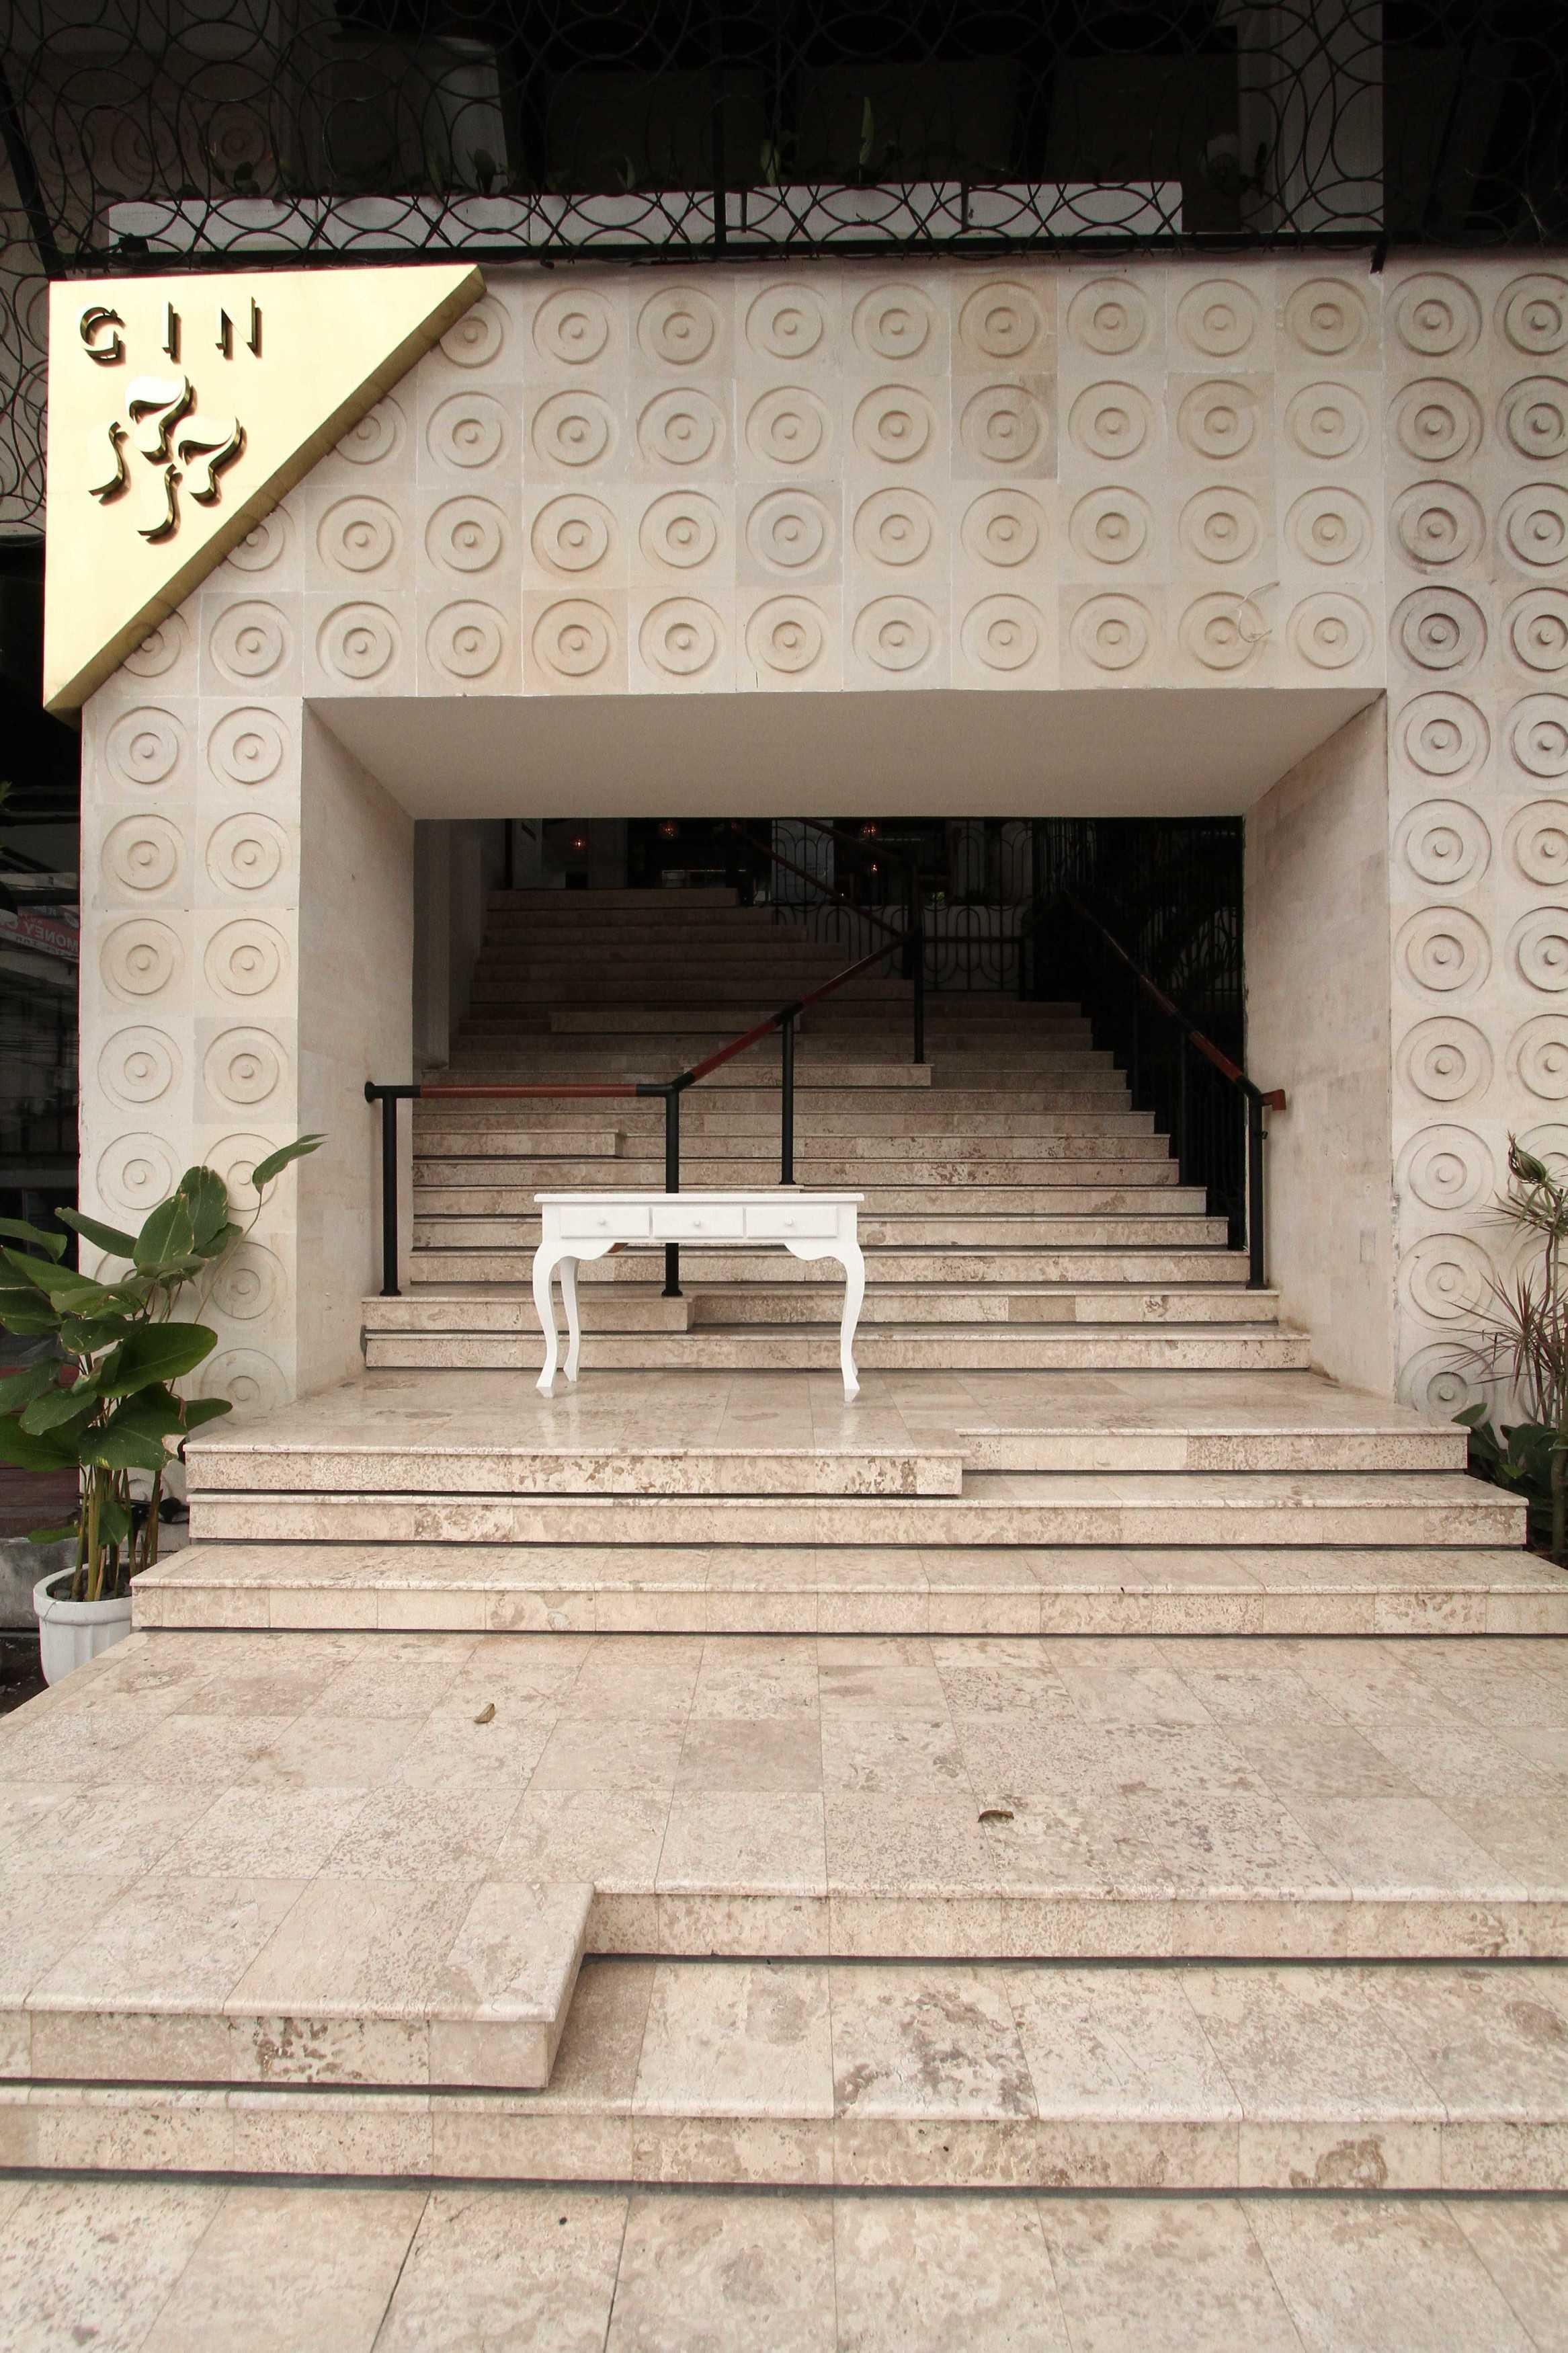 Ddap Architect Gin Bar Jl. Hanoman, Ubud, Kabupaten Gianyar, Bali 80571, Indonesia Jl. Hanoman, Ubud, Kabupaten Gianyar, Bali 80571, Indonesia Gin Bar - Staircase   44389